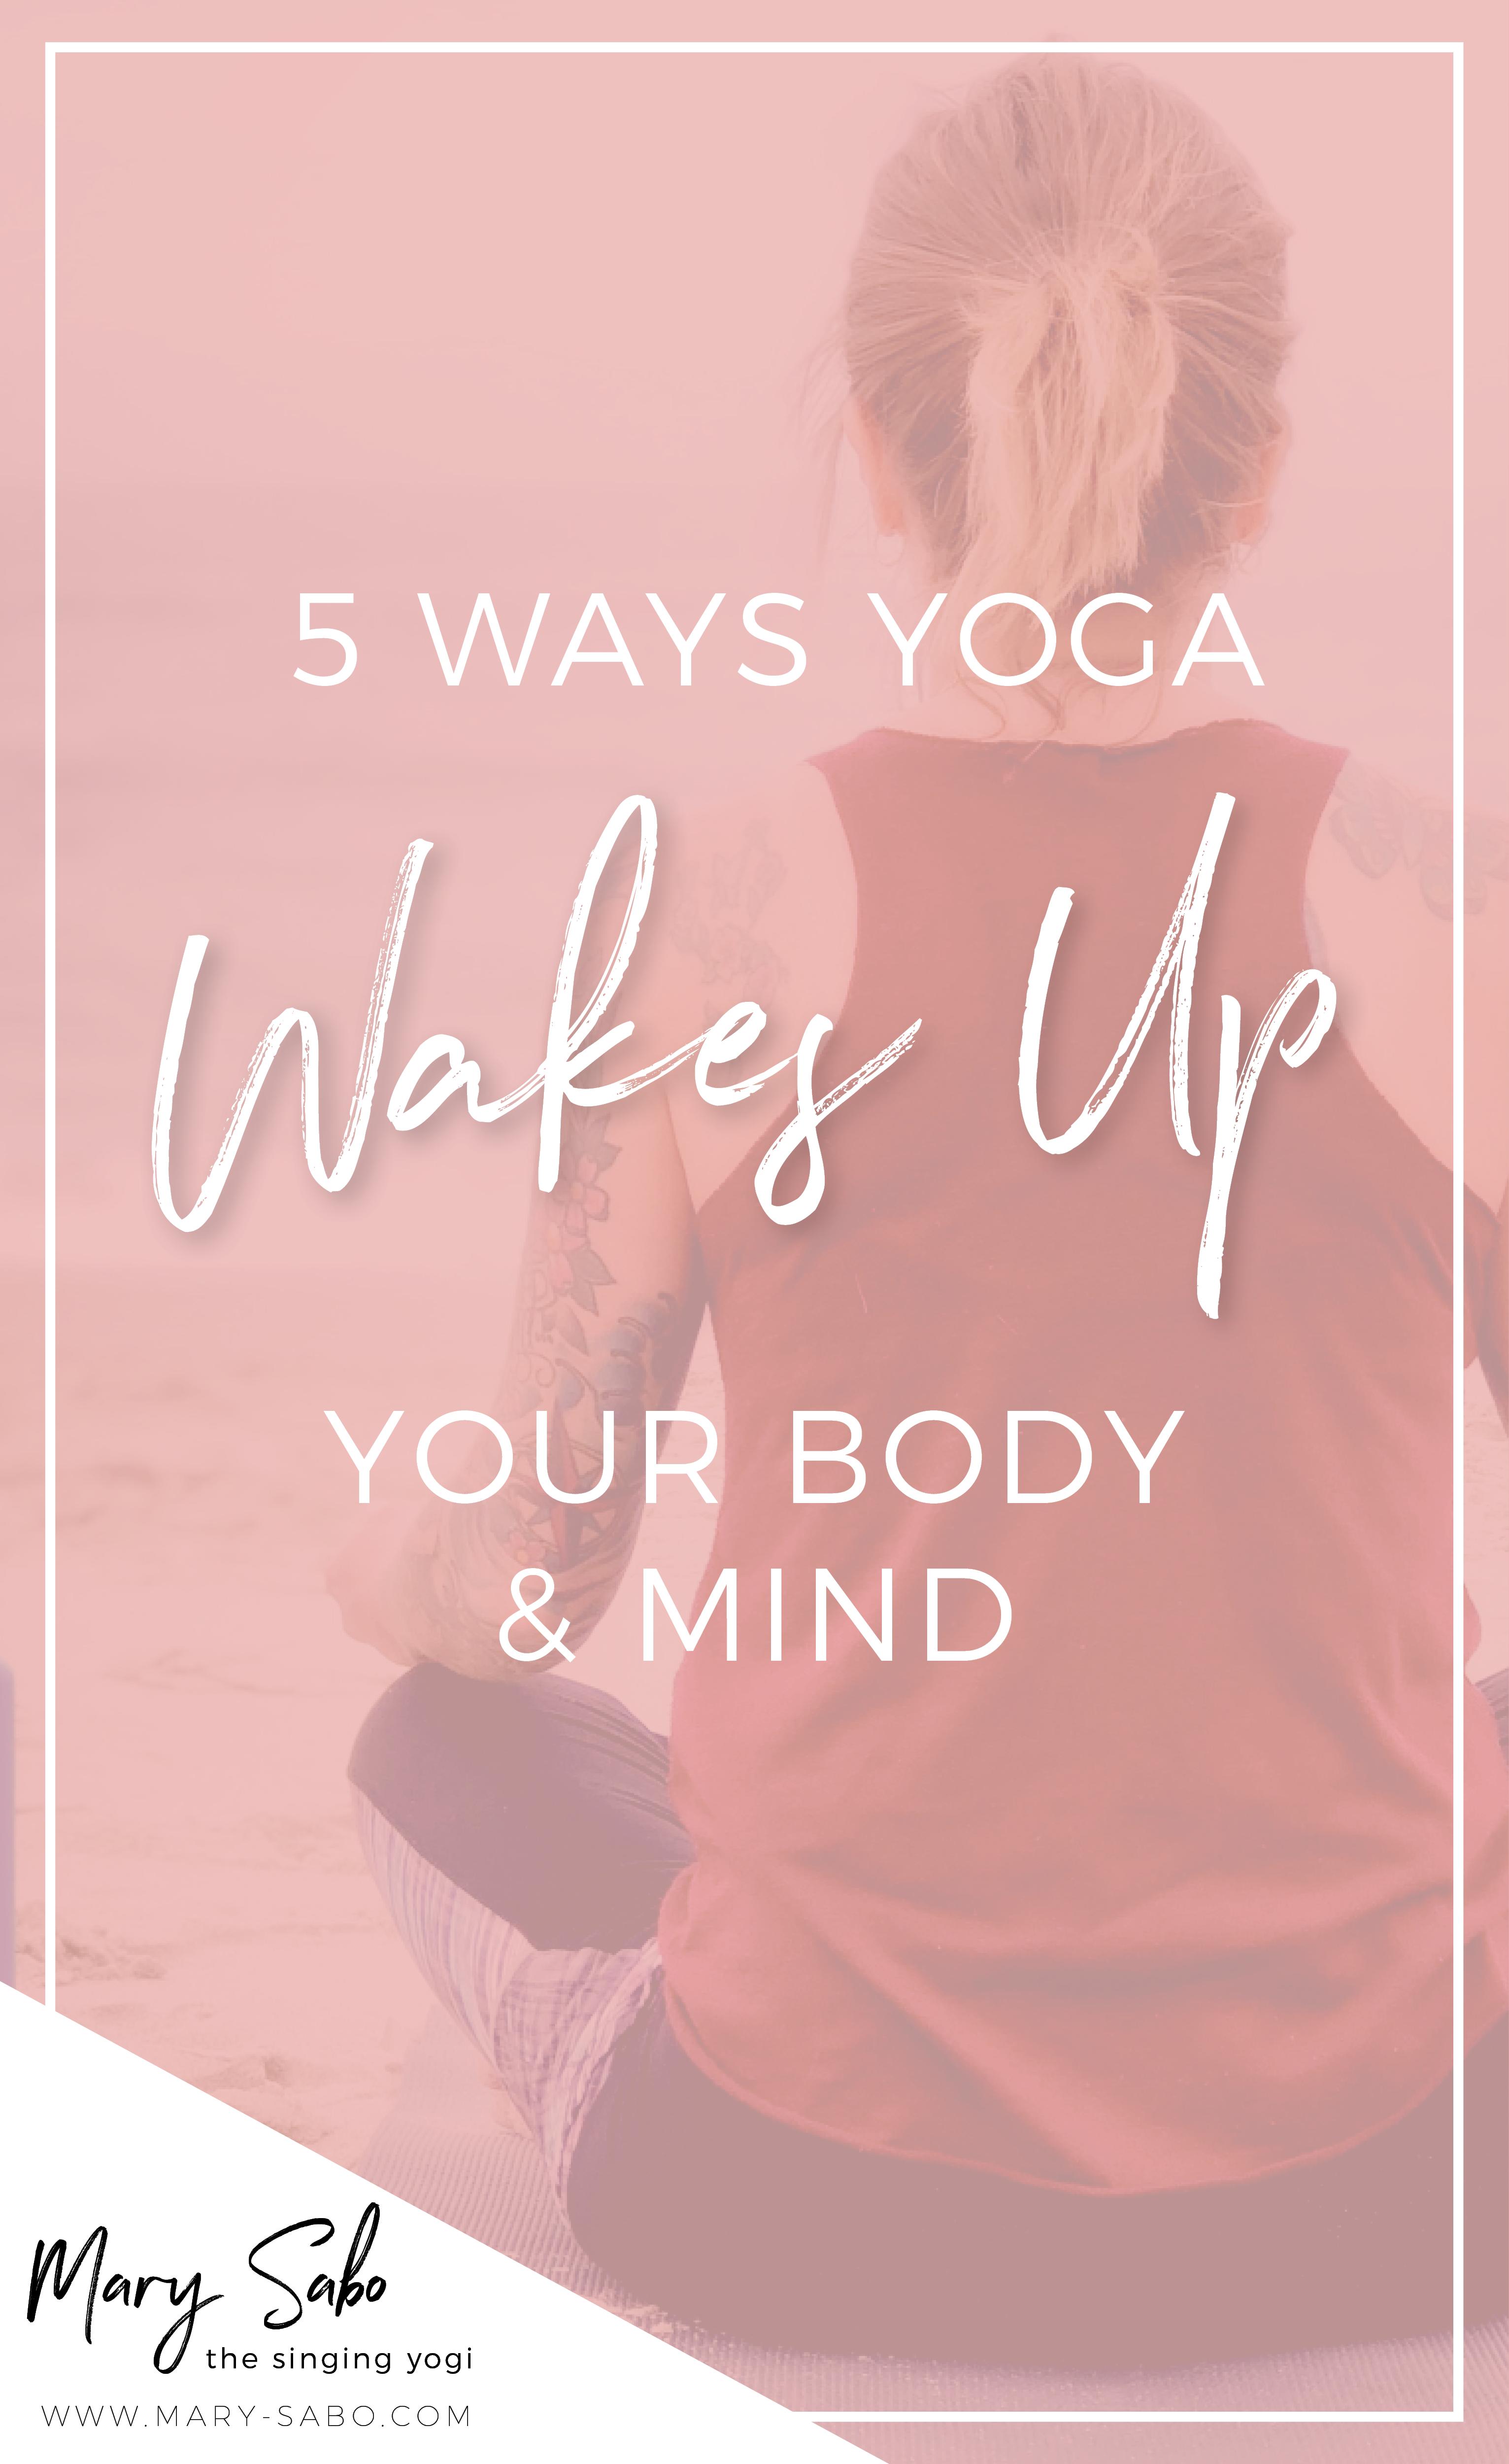 5 Ways #Yoga Wakes Up Your Body & Mind // Mary Sabo, The Singing Yogi -- #mindfulness #fitness